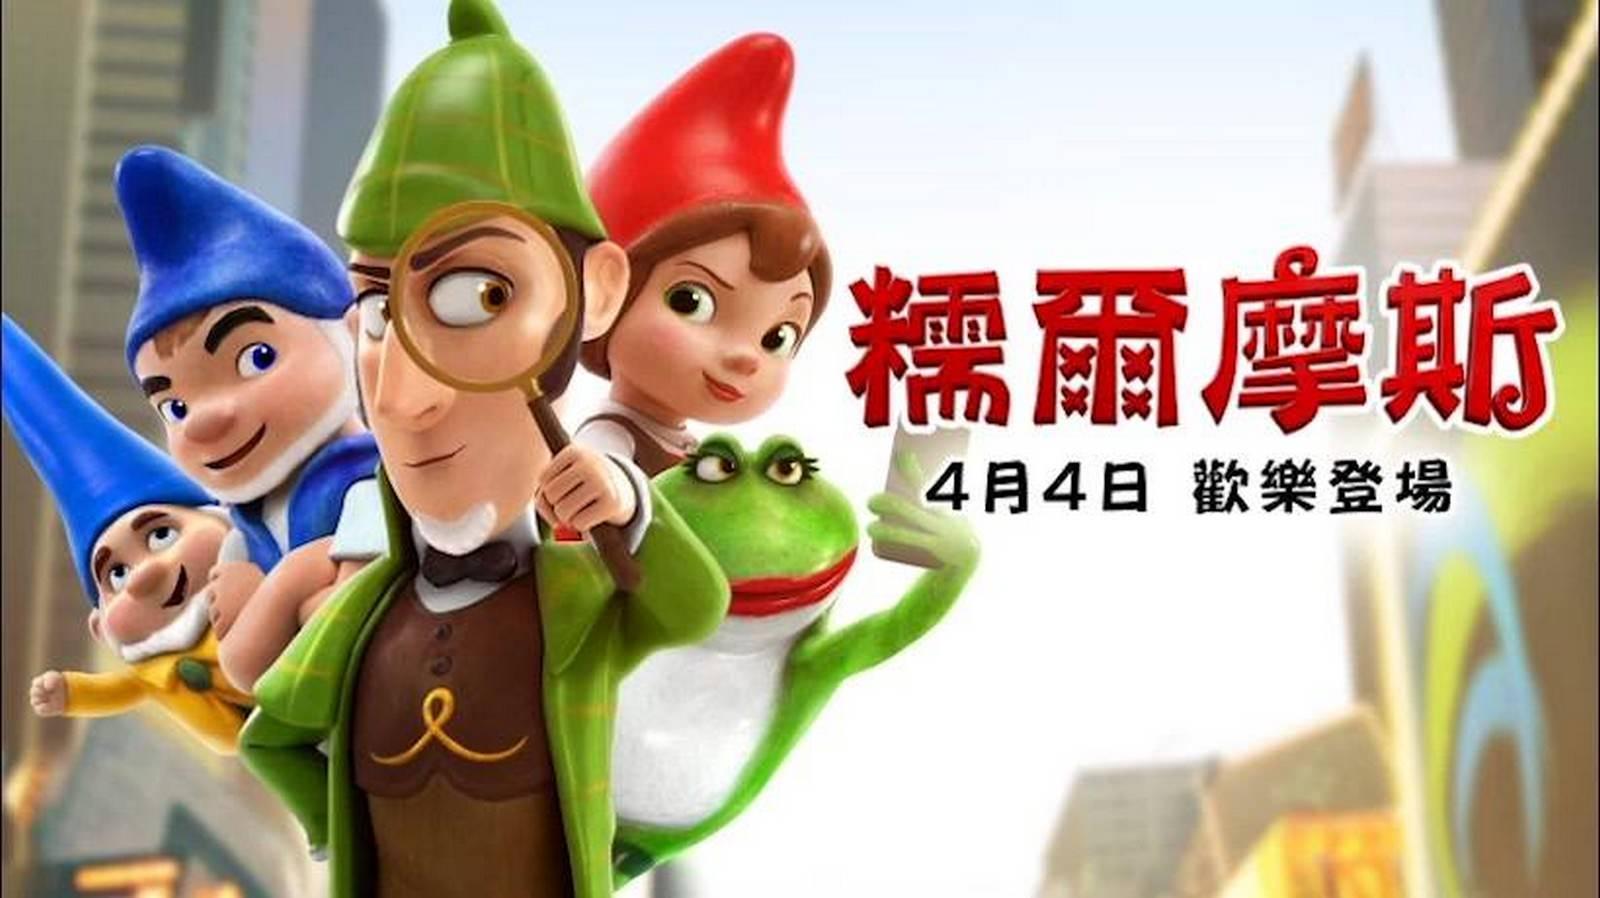 Movie, Sherlock Gnomes(英國.美國) / 糯爾摩斯(台) / 神探福爾摩侏(港) / 吉诺密欧与朱丽叶2:夏洛克·糯尔摩斯(網), 電影海報, 台灣, 橫版